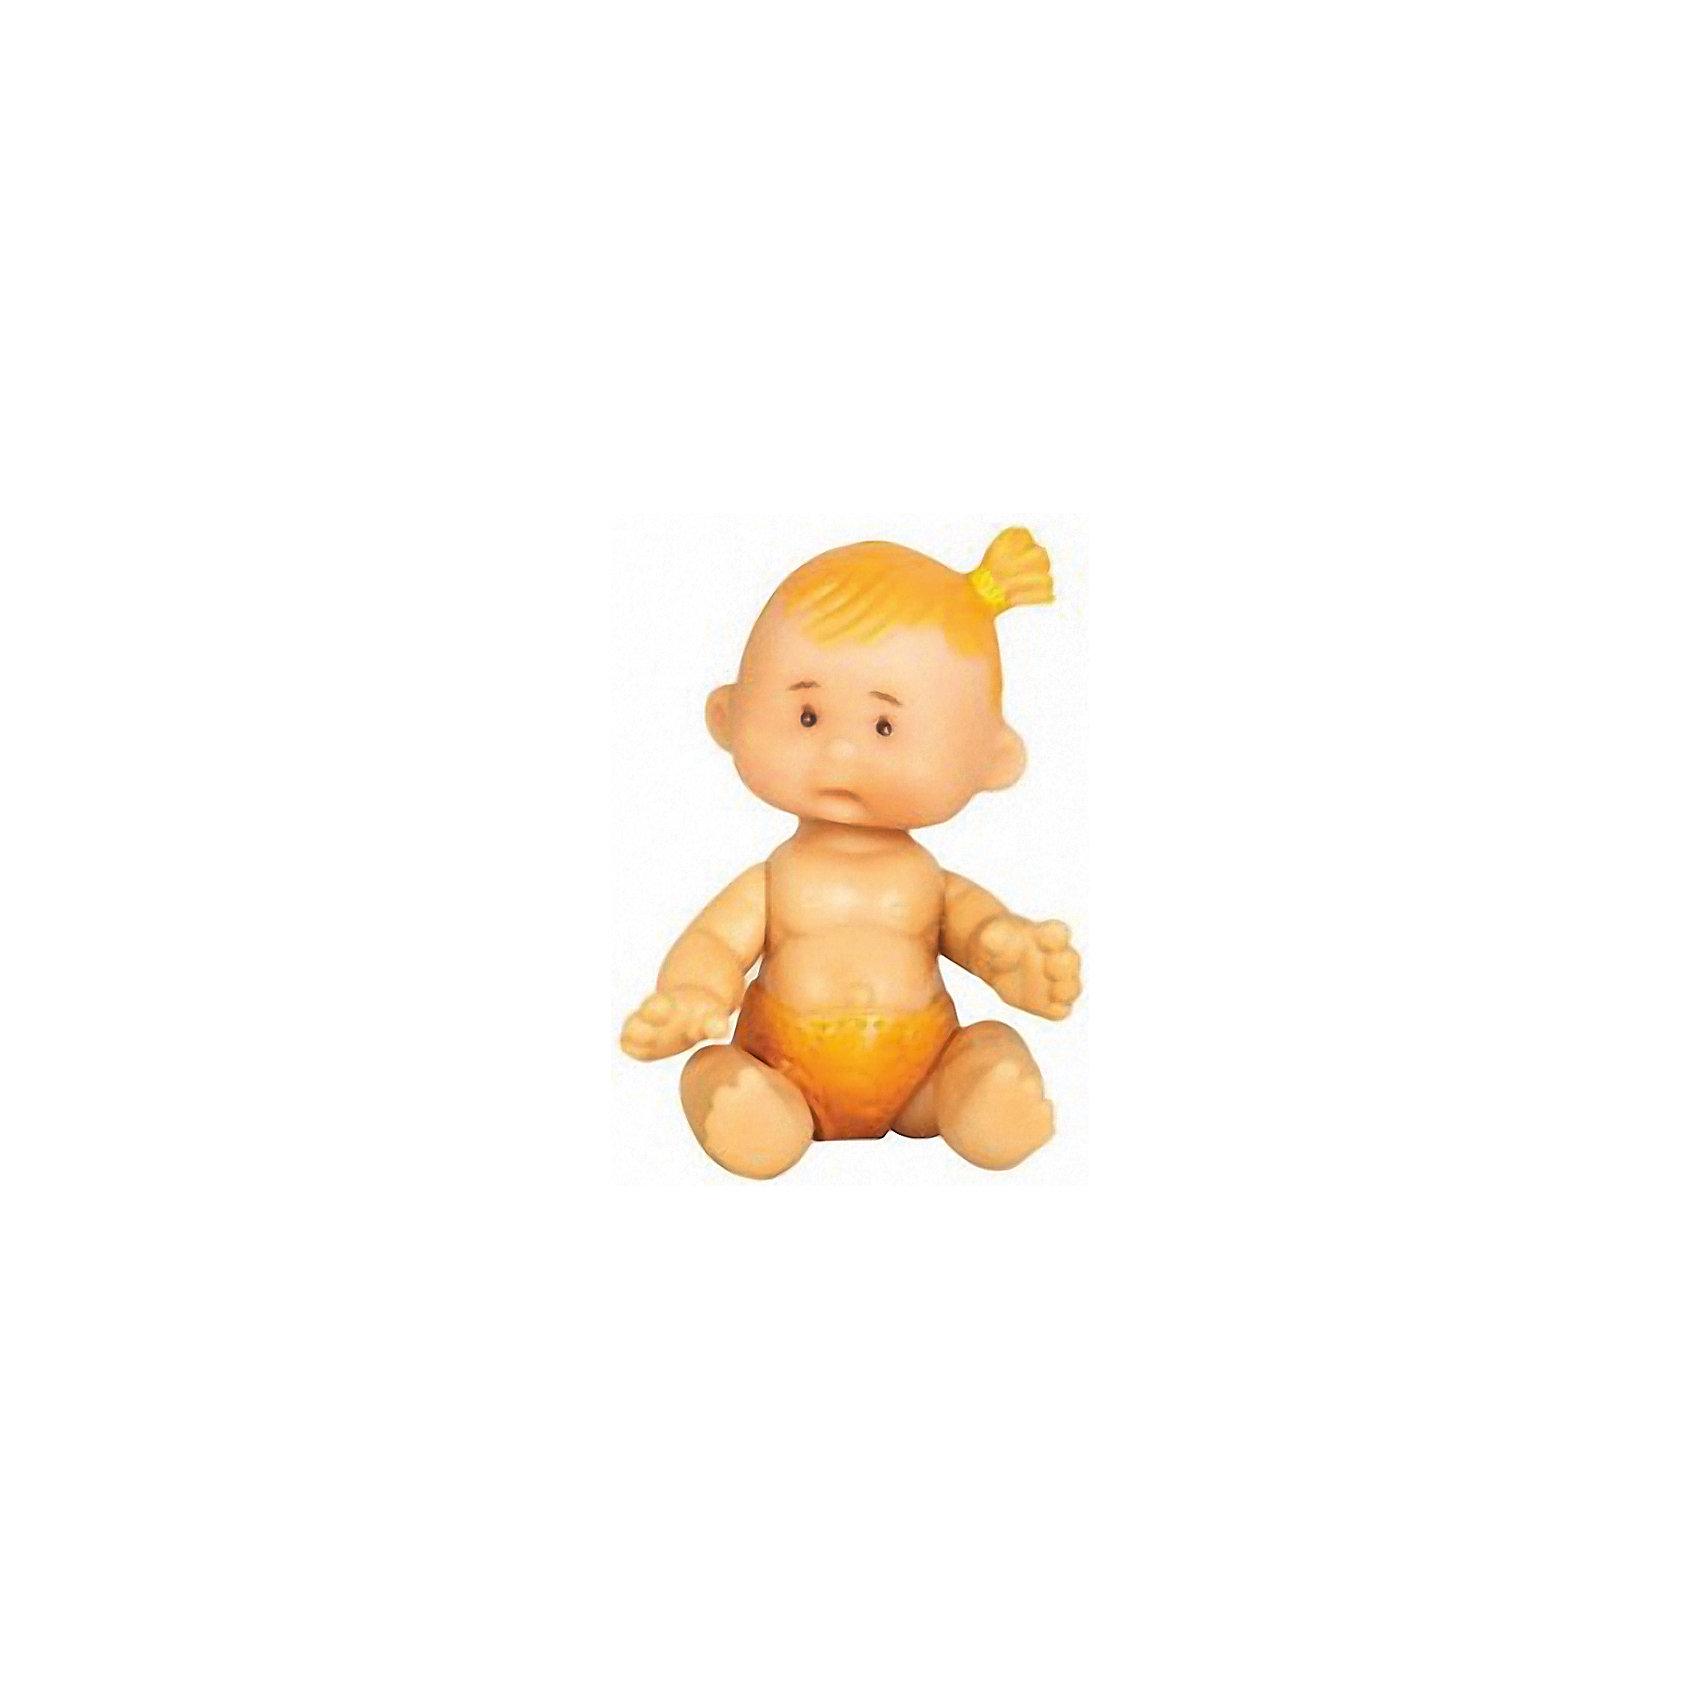 Пупс Майя Папайя, 7см, YogurtinisМини-куклы<br>Милый пупс Майя Папайя не оставит ребенка равнодушным. Ножки и ручки игрушки подвижны. Оригинальное личико, необычное имя и приятный запах фруктового йогурта вызовут море позитивных эмоций у малыша.<br><br>Дополнительная информация:<br>Материал: пластик, ароматизатор<br>Высота пупса: 7 см<br>Пупса Майя Папайя можно приобрести в нашем интернет-магазине.<br><br>Ширина мм: 75<br>Глубина мм: 75<br>Высота мм: 70<br>Вес г: 20<br>Возраст от месяцев: 36<br>Возраст до месяцев: 84<br>Пол: Женский<br>Возраст: Детский<br>SKU: 4944593